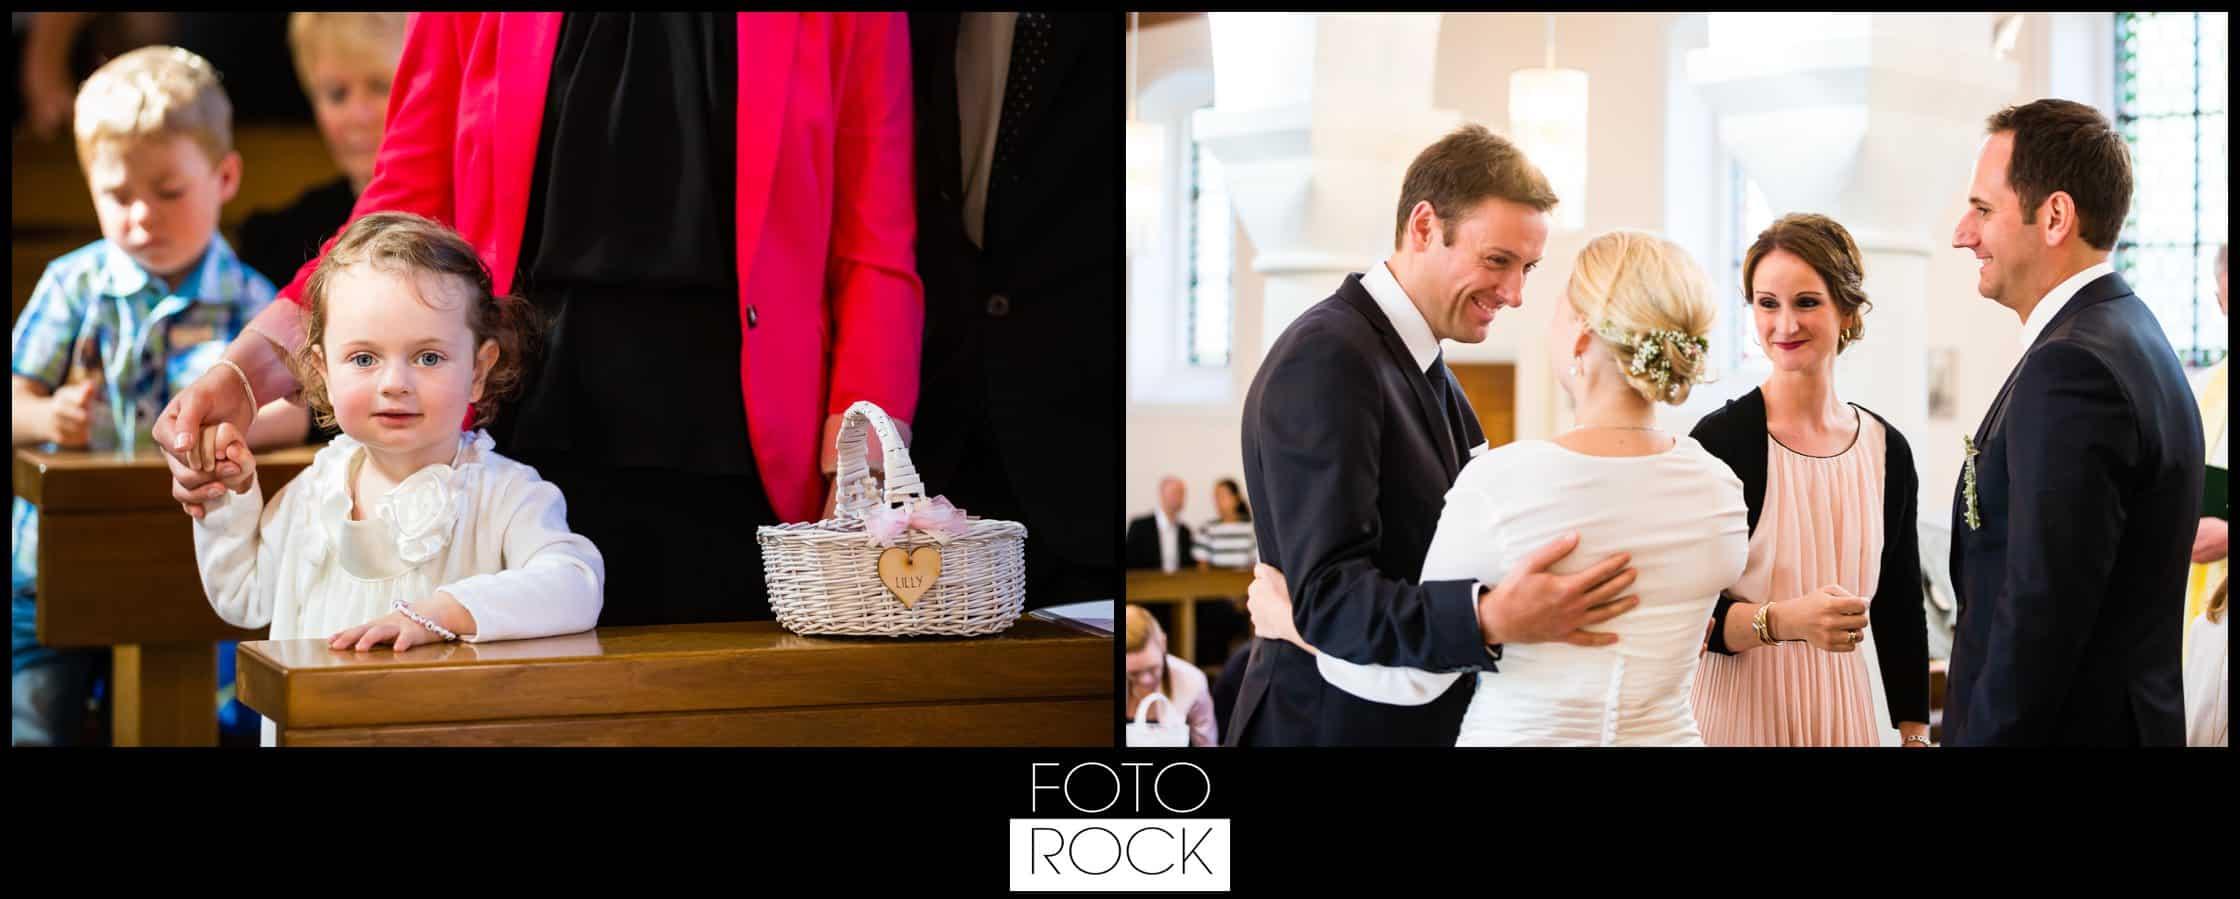 Hochzeit Adler Haeusern trauung brautpaar kind